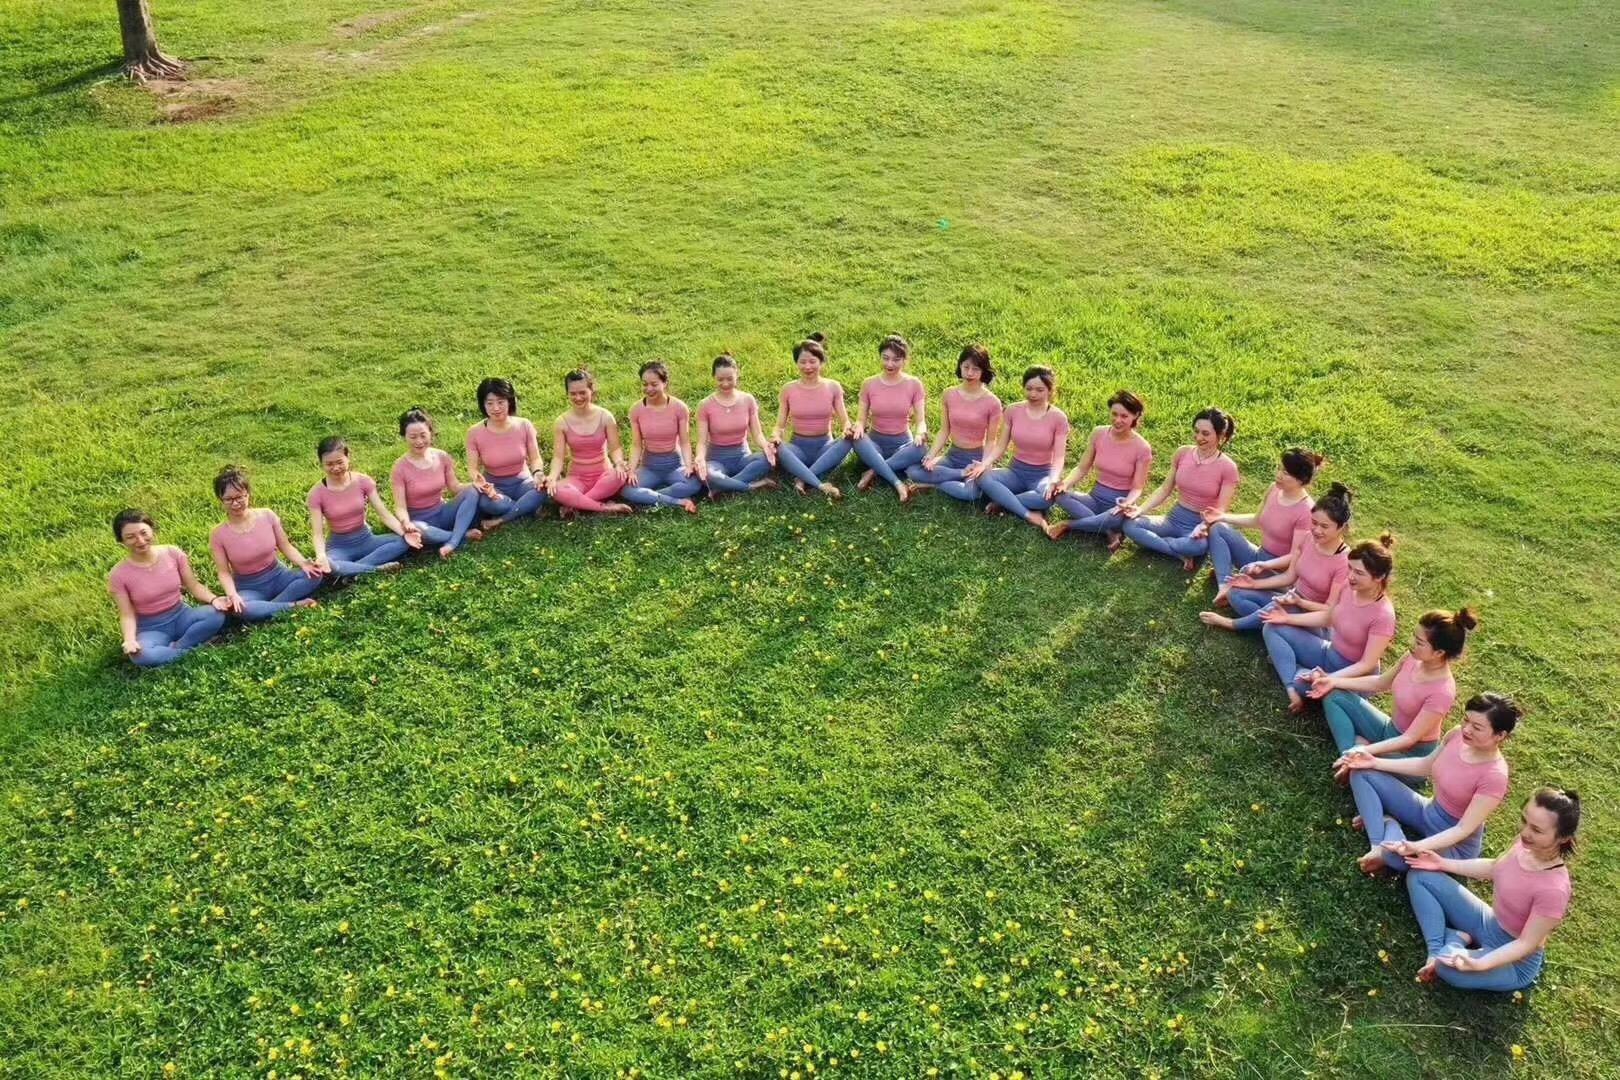 【瑜伽心得】241届瑜伽教培班学员黄女士—为什么学瑜伽?